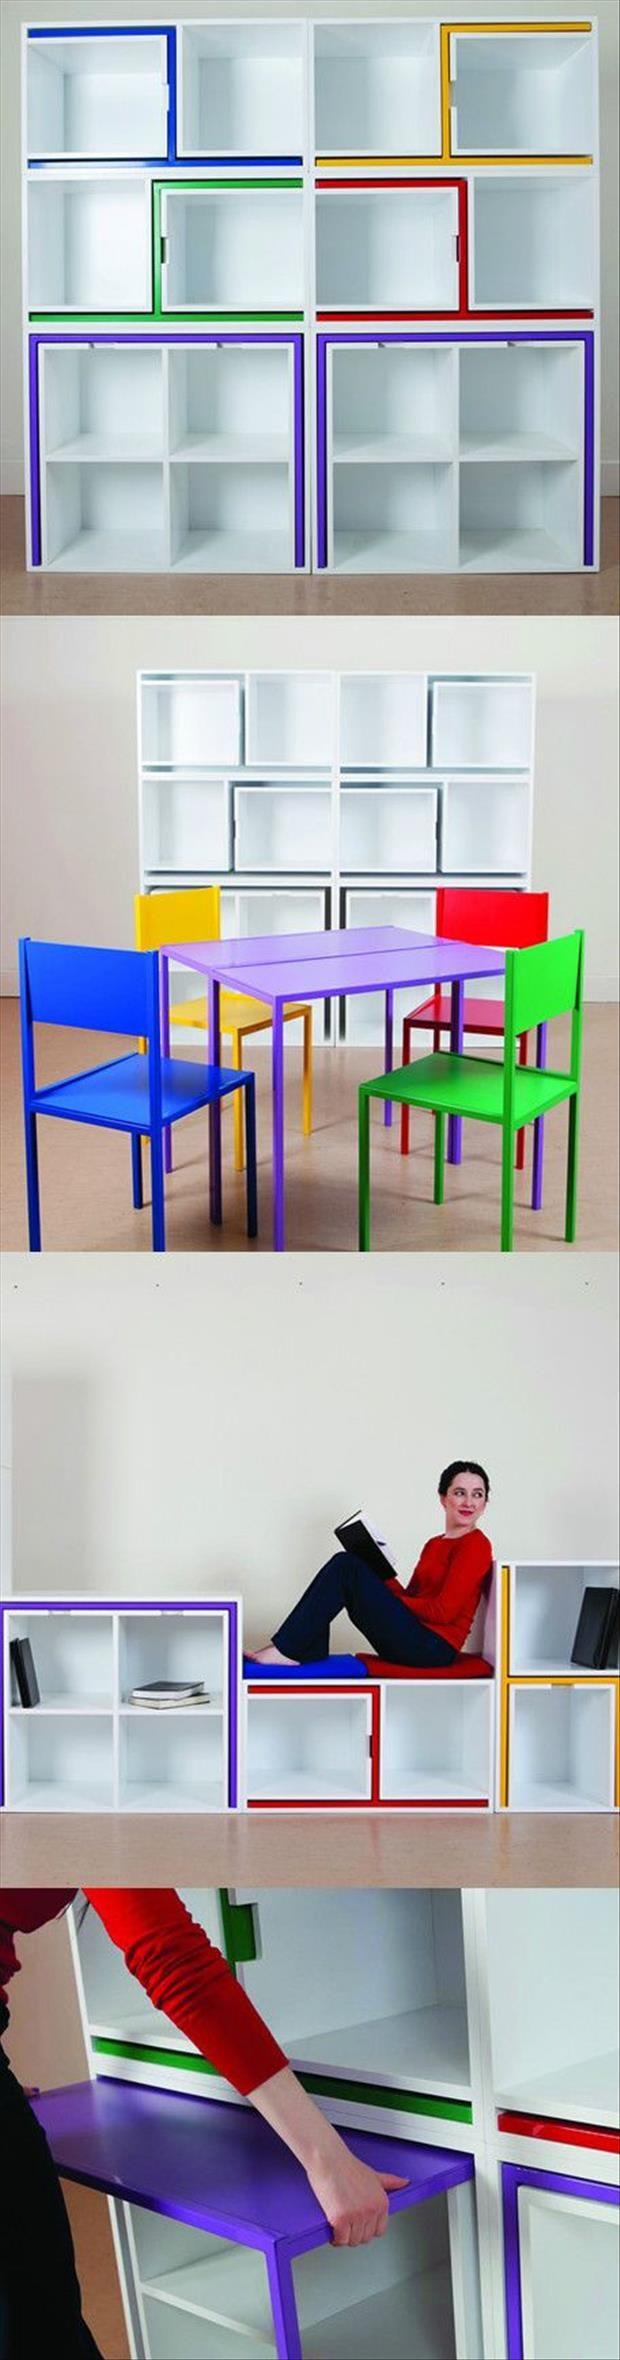 coole idee!!!